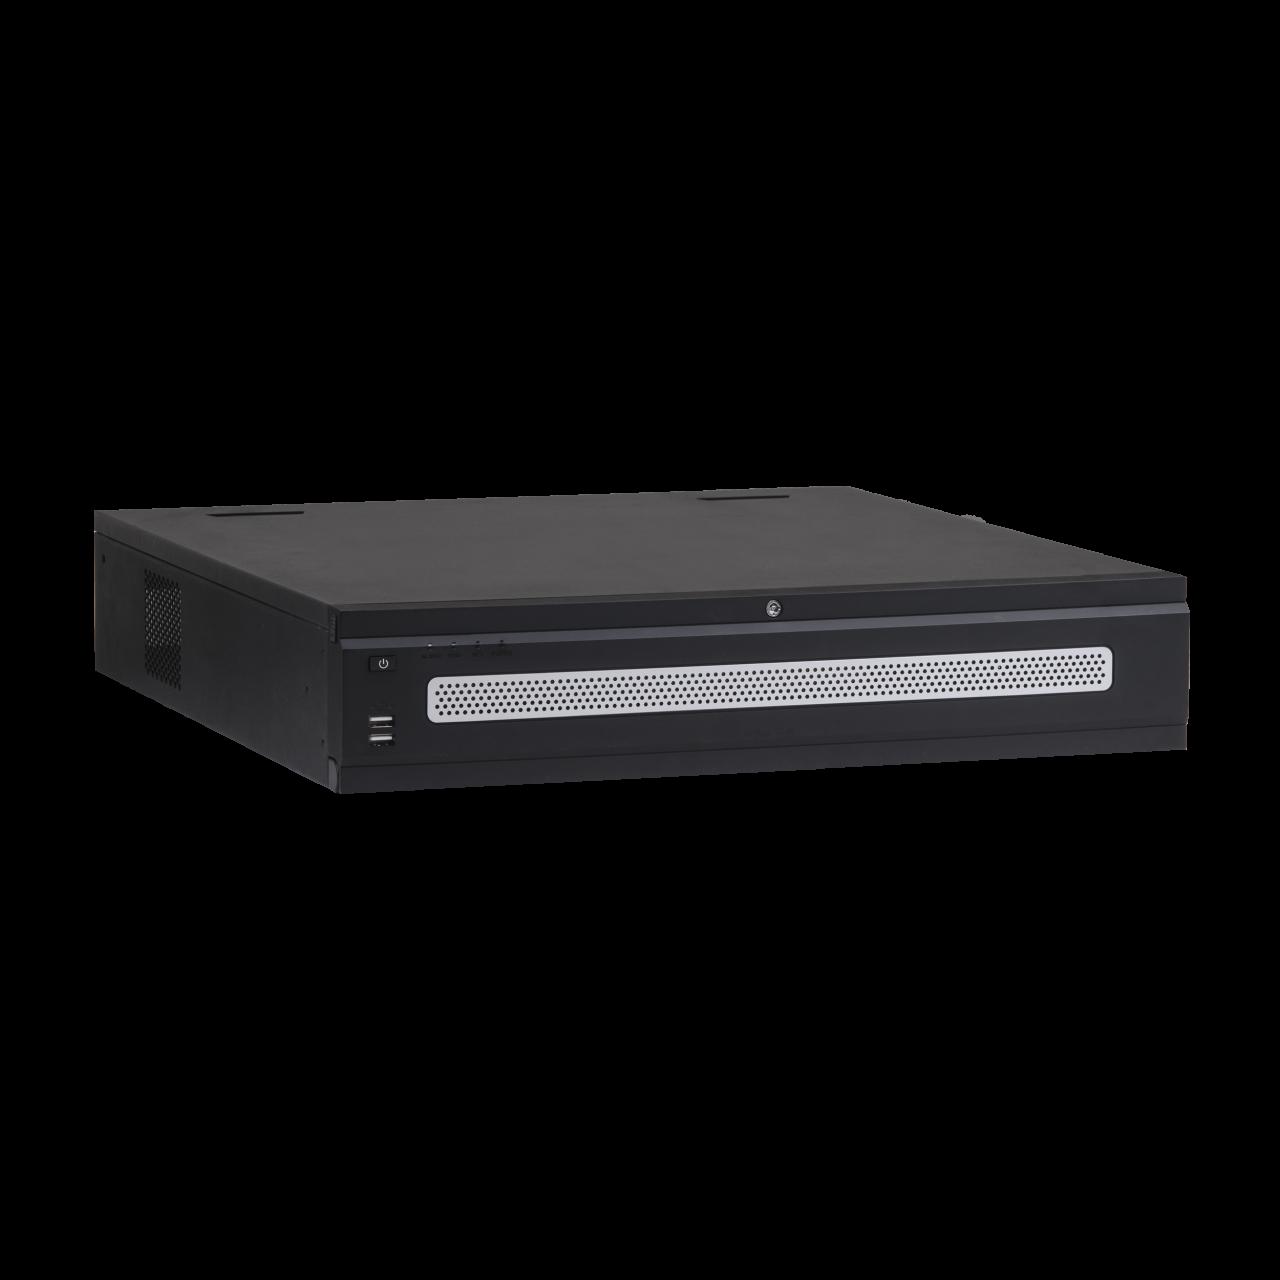 TURM Ultra 4K NVR Rekorder für 128 IP Kameras bis 12 MP mit 384 Mbps, RAID und 2x NIC